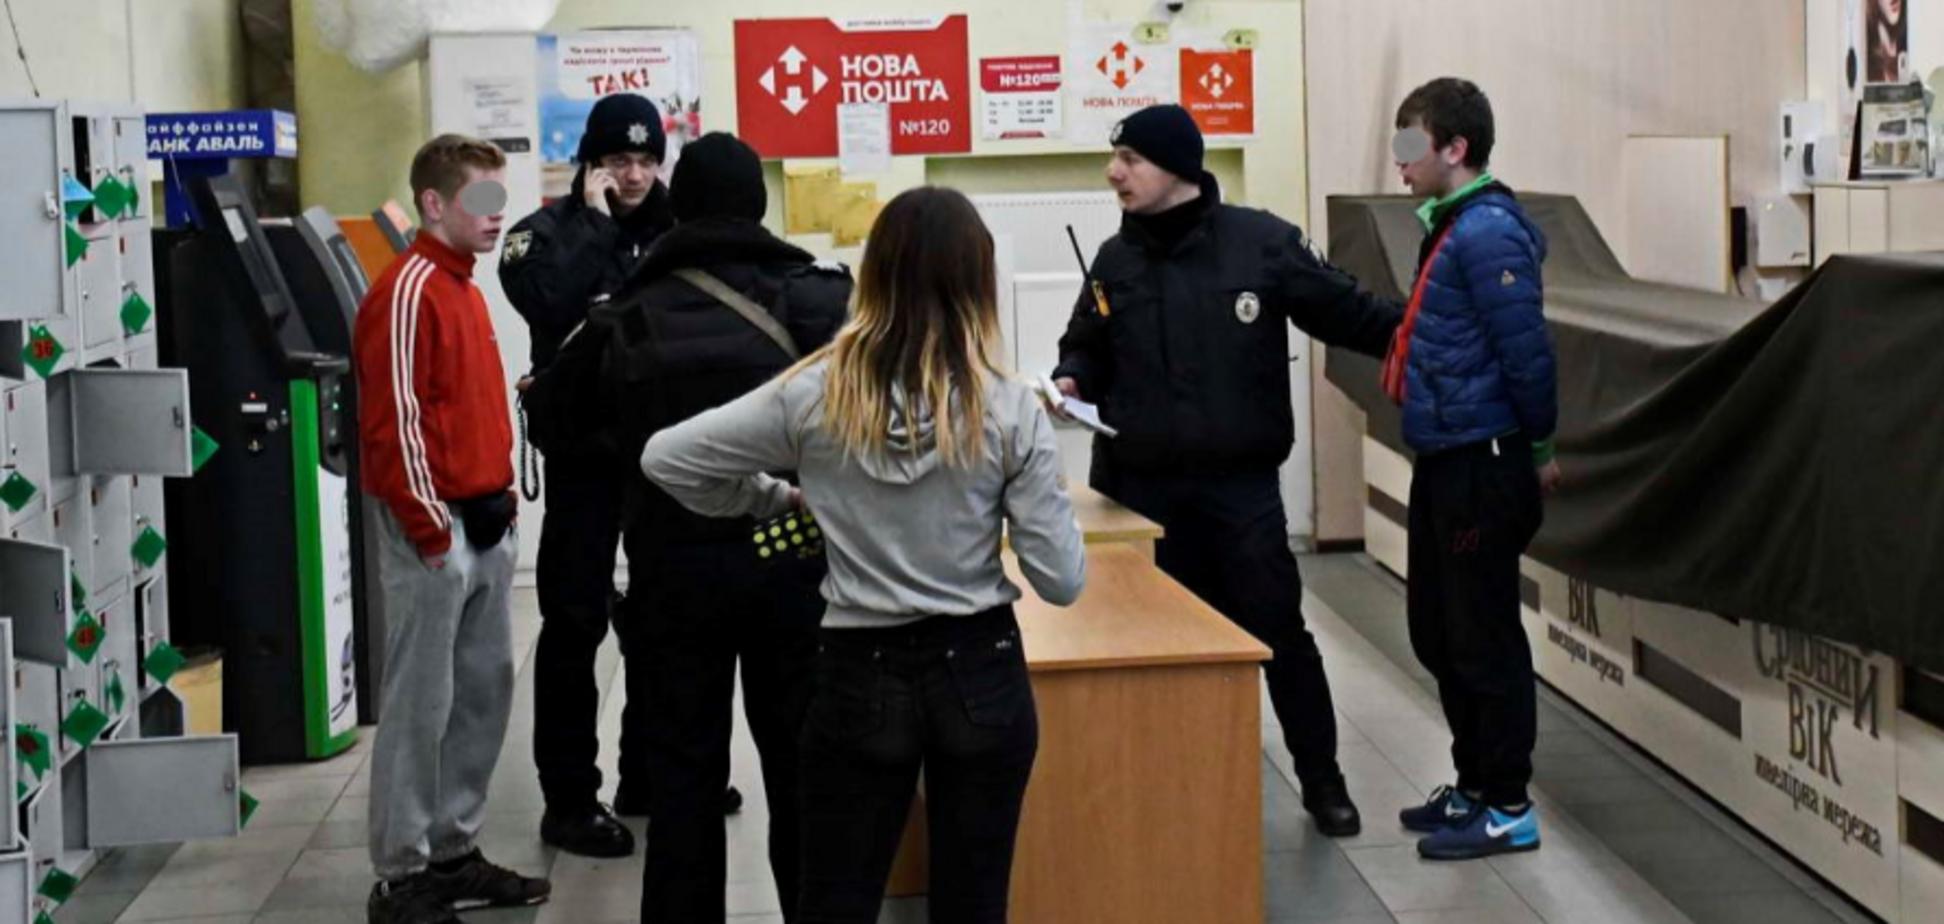 'Працювали' підлітки: подробиці кривавого нападу в Києві